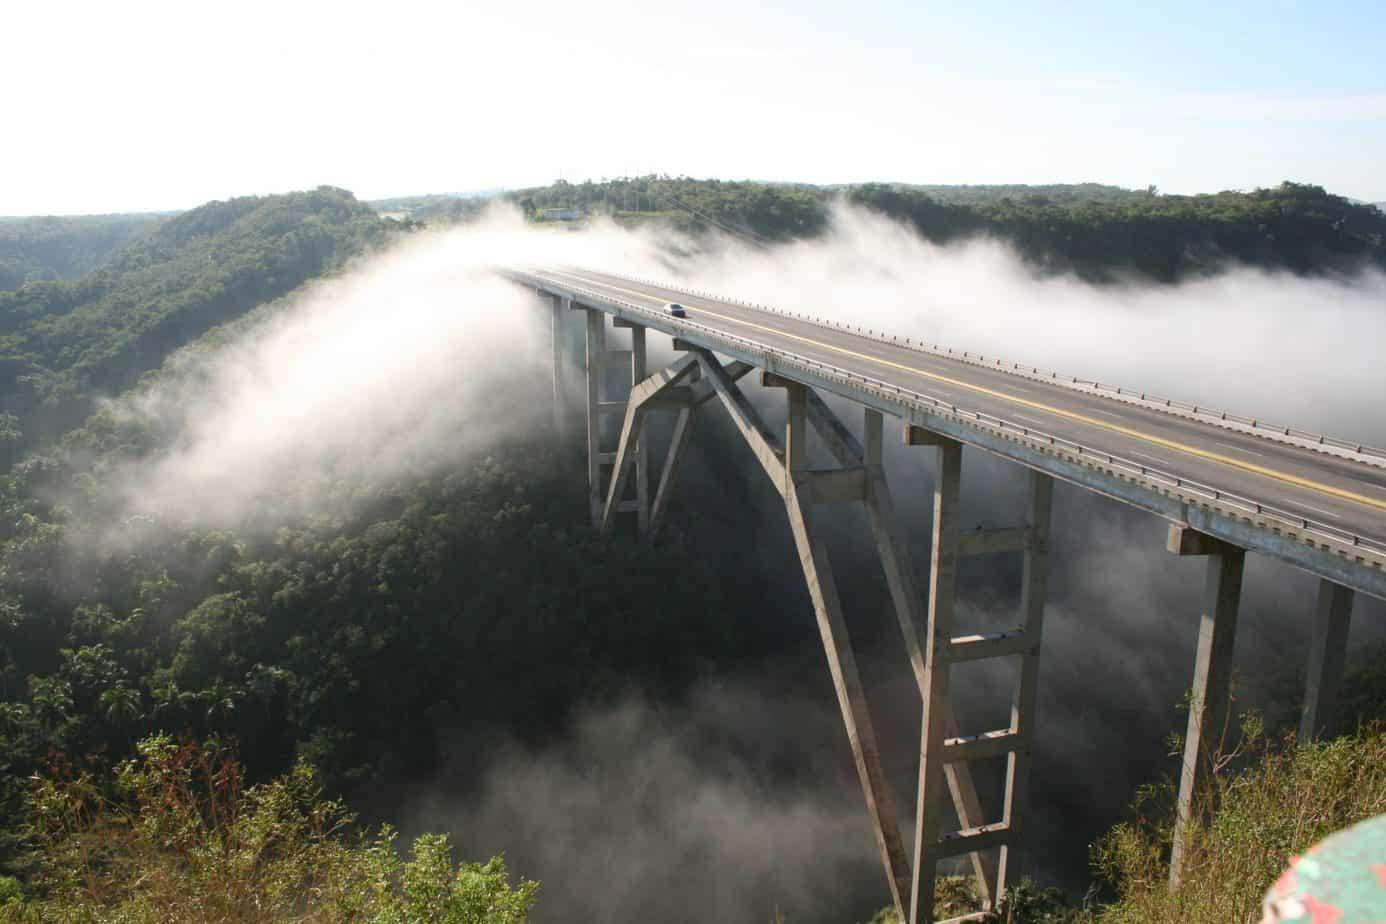 Maravillas de la ingeniería cubana: el puente de Bacunayagua